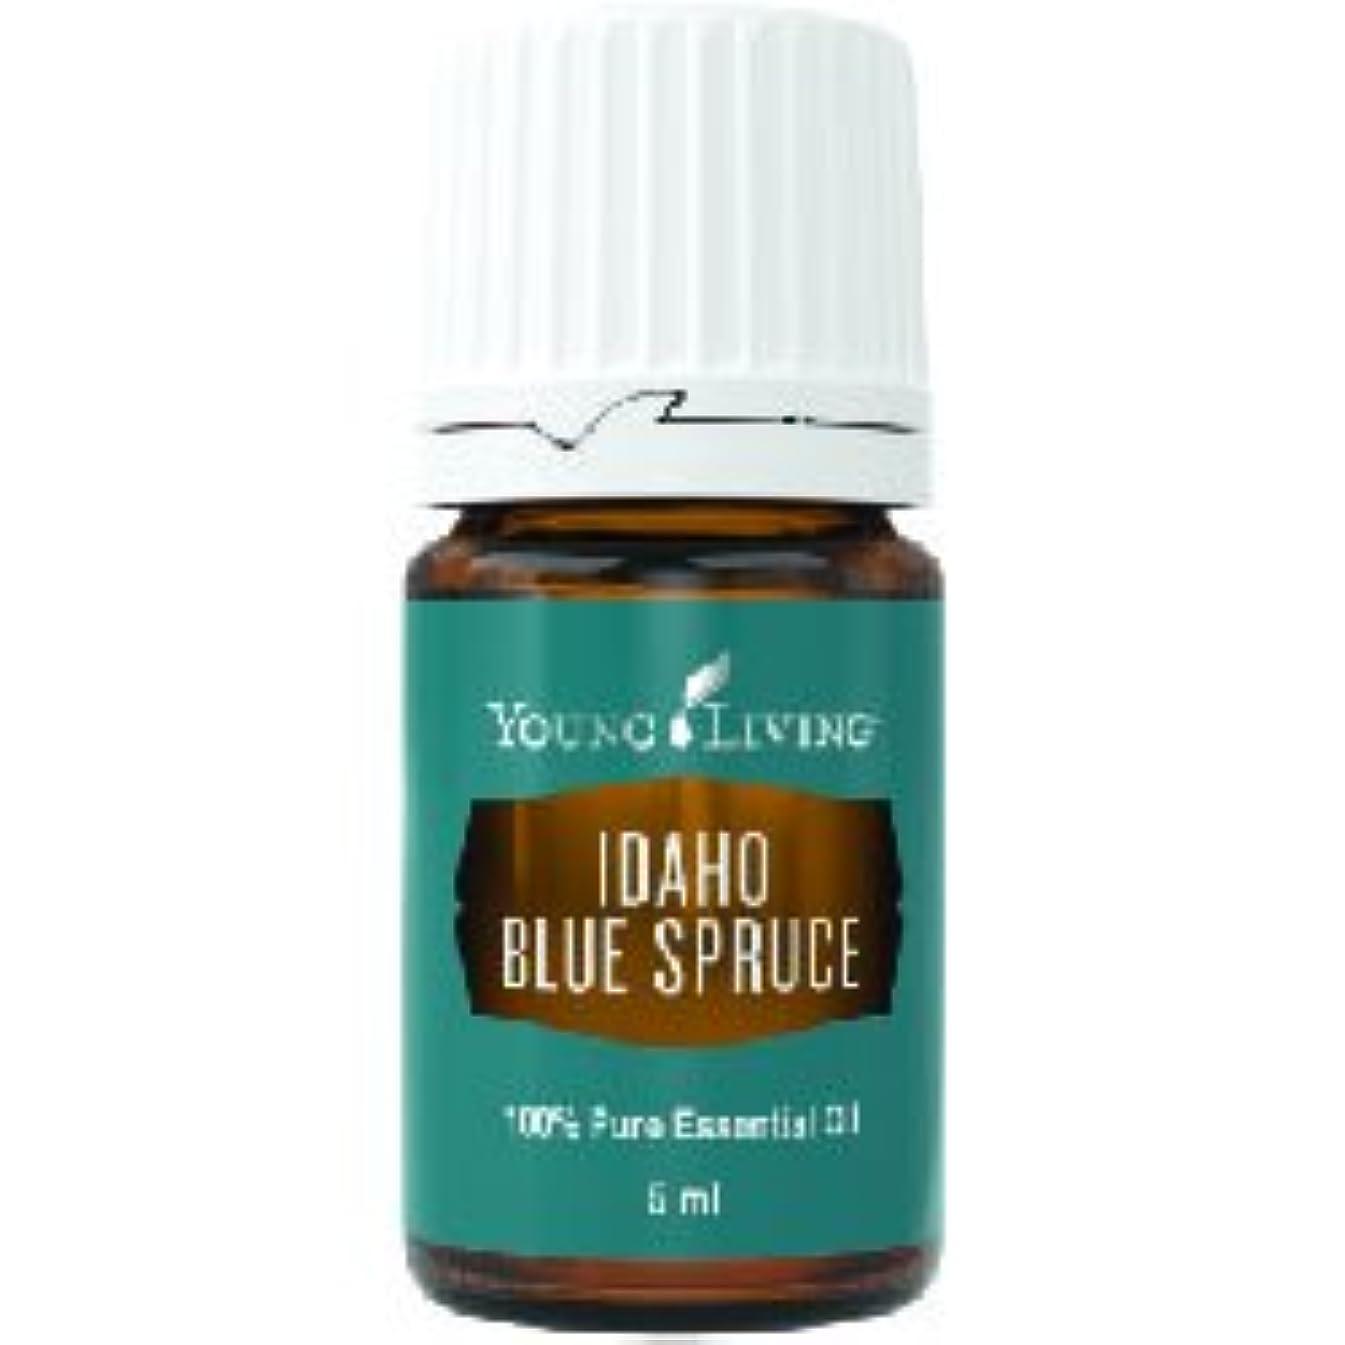 不満シュガーレシピアイダホブルースプルースエッセンシャルオイル5ml by Young Livingエッセンシャルオイルマレーシア Idaho Blue Spruce Essential Oil 5ml by Young Living Essential...